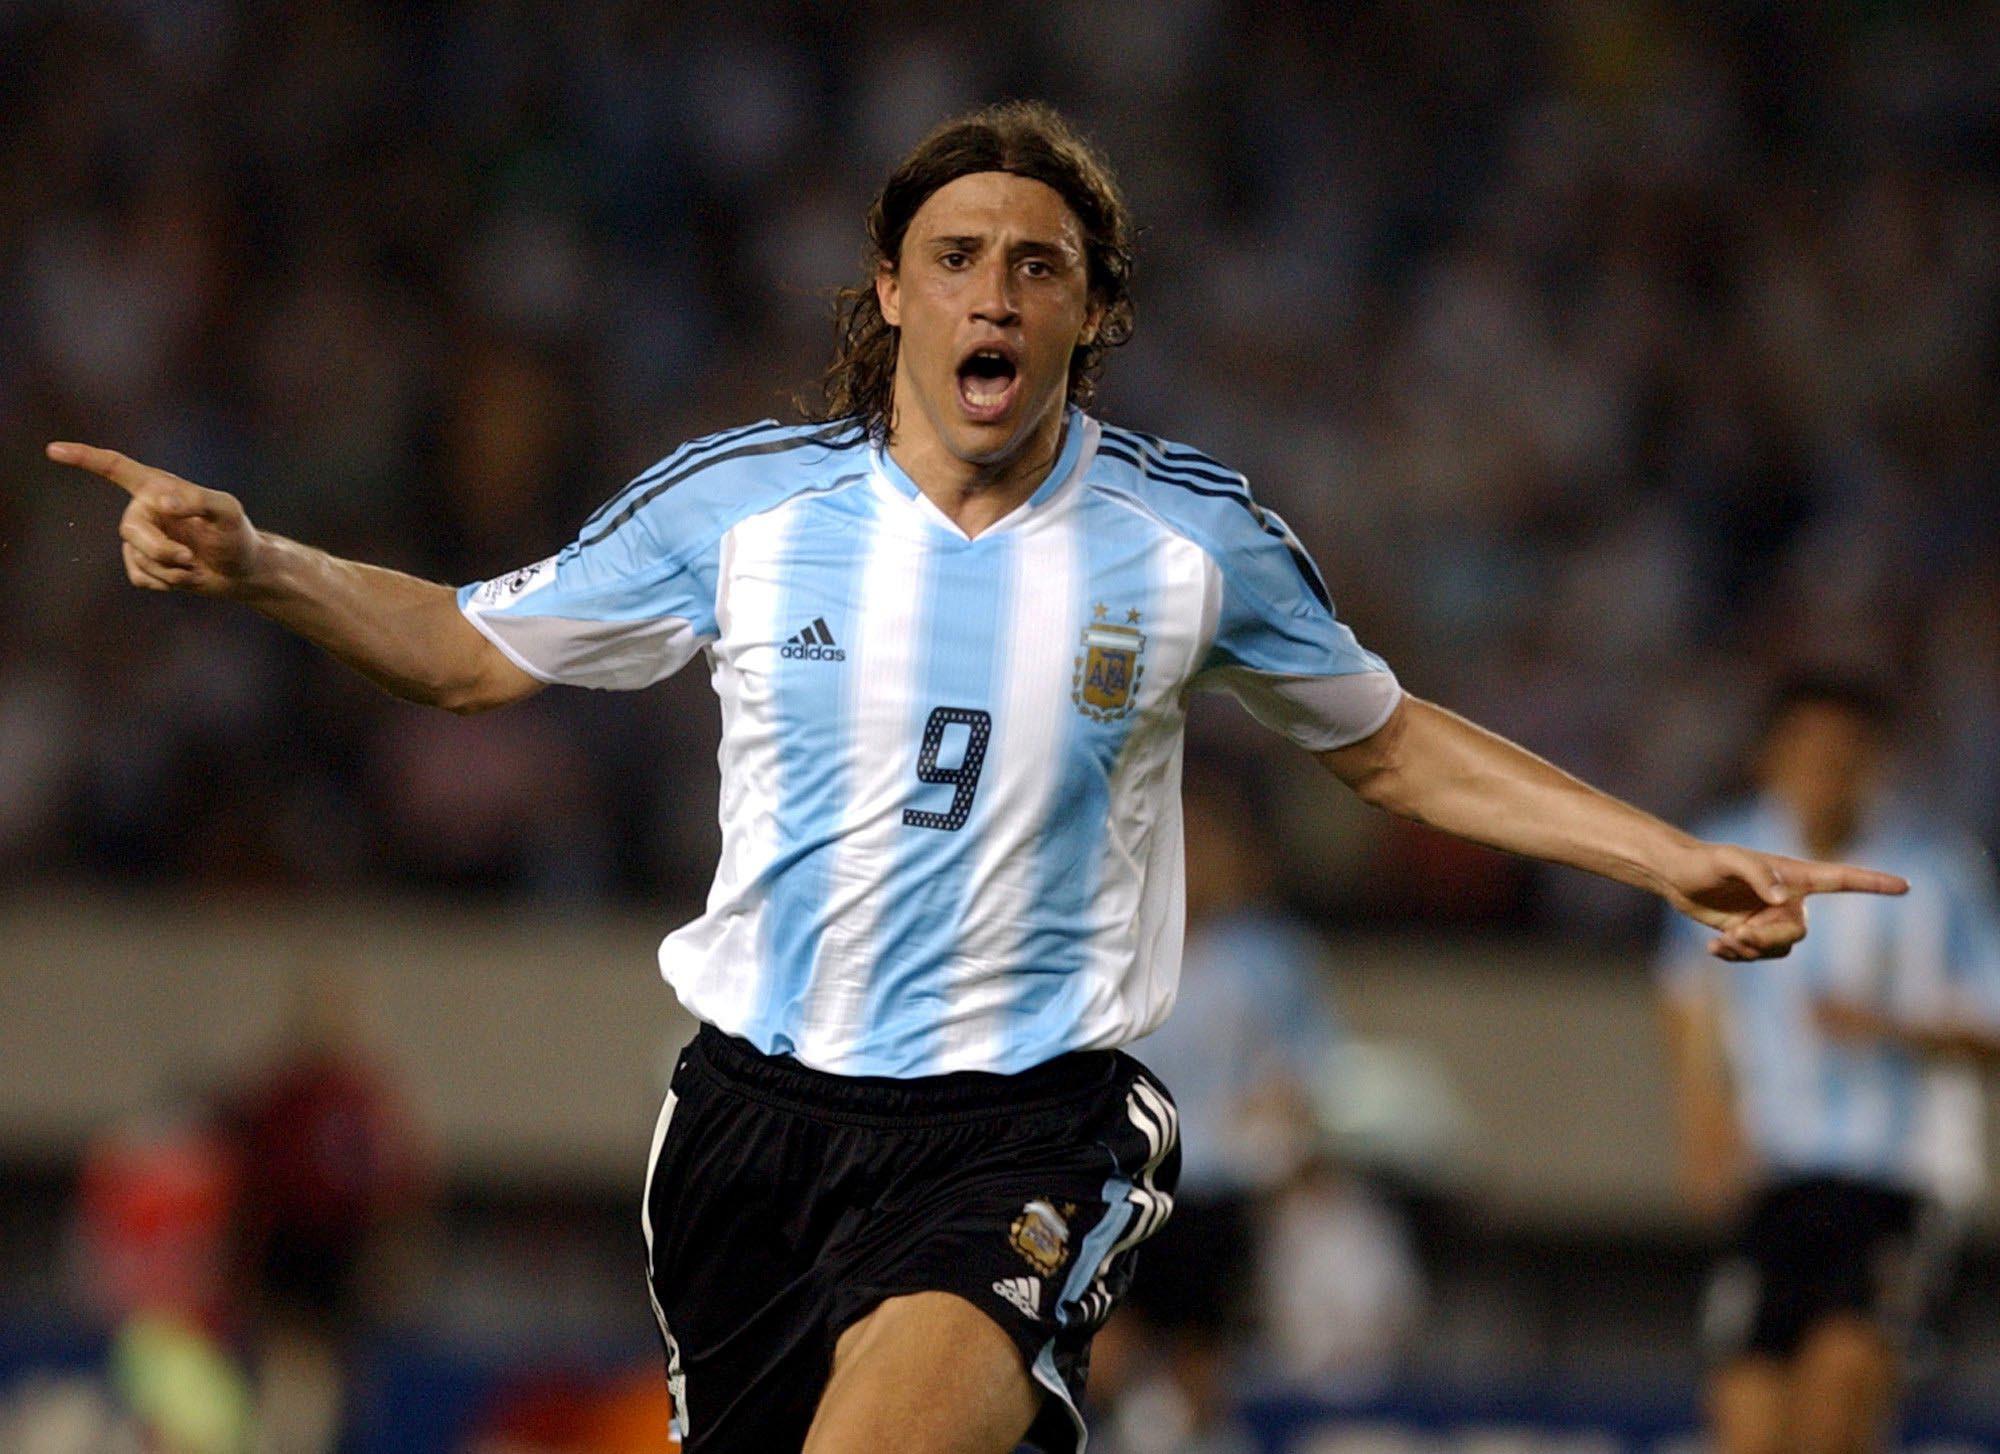 ¡Realice iniciar sesión Bet365 Argentina en un par de pasos!